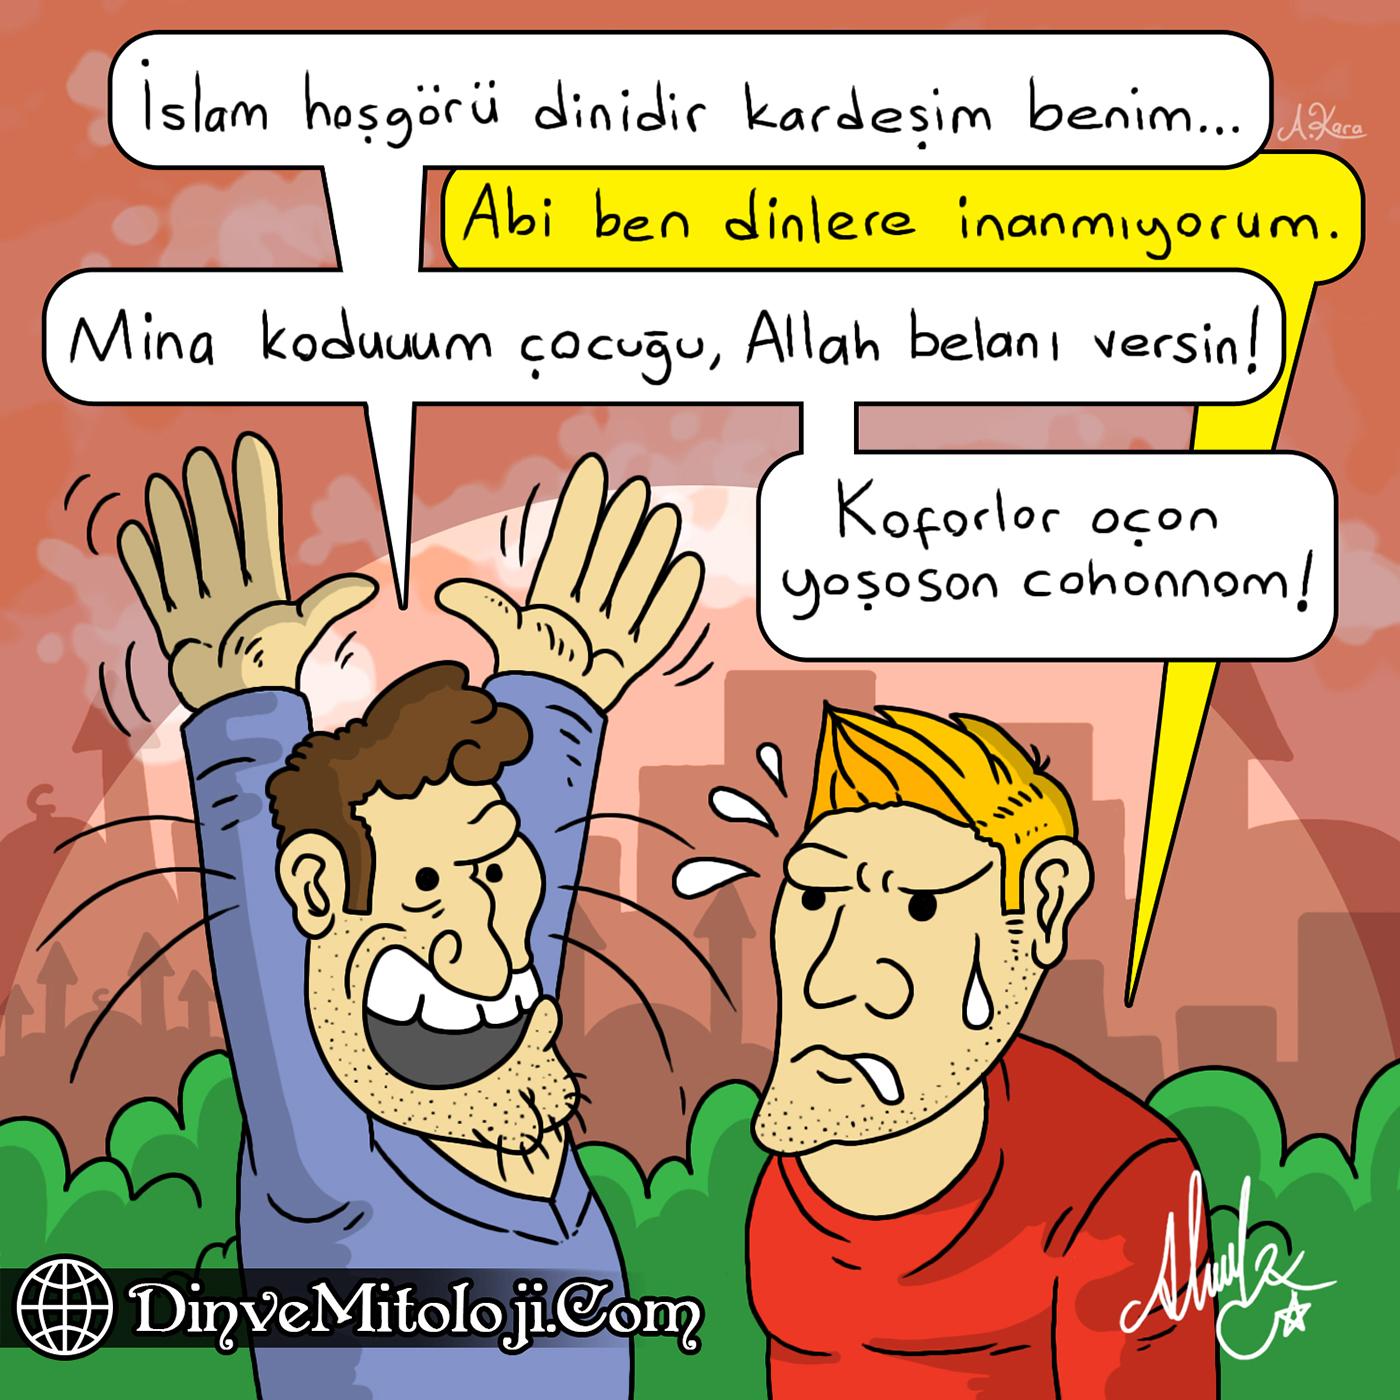 din karikatürleri, dini karikatür, eleştiriye gelemeyen dindar, hoşgörü dini, islam hoşgörü dinimidir, islamiyet karikatür, kafirler için yaşasın cehennem, karikatür, küfürbaz yobaz, A,